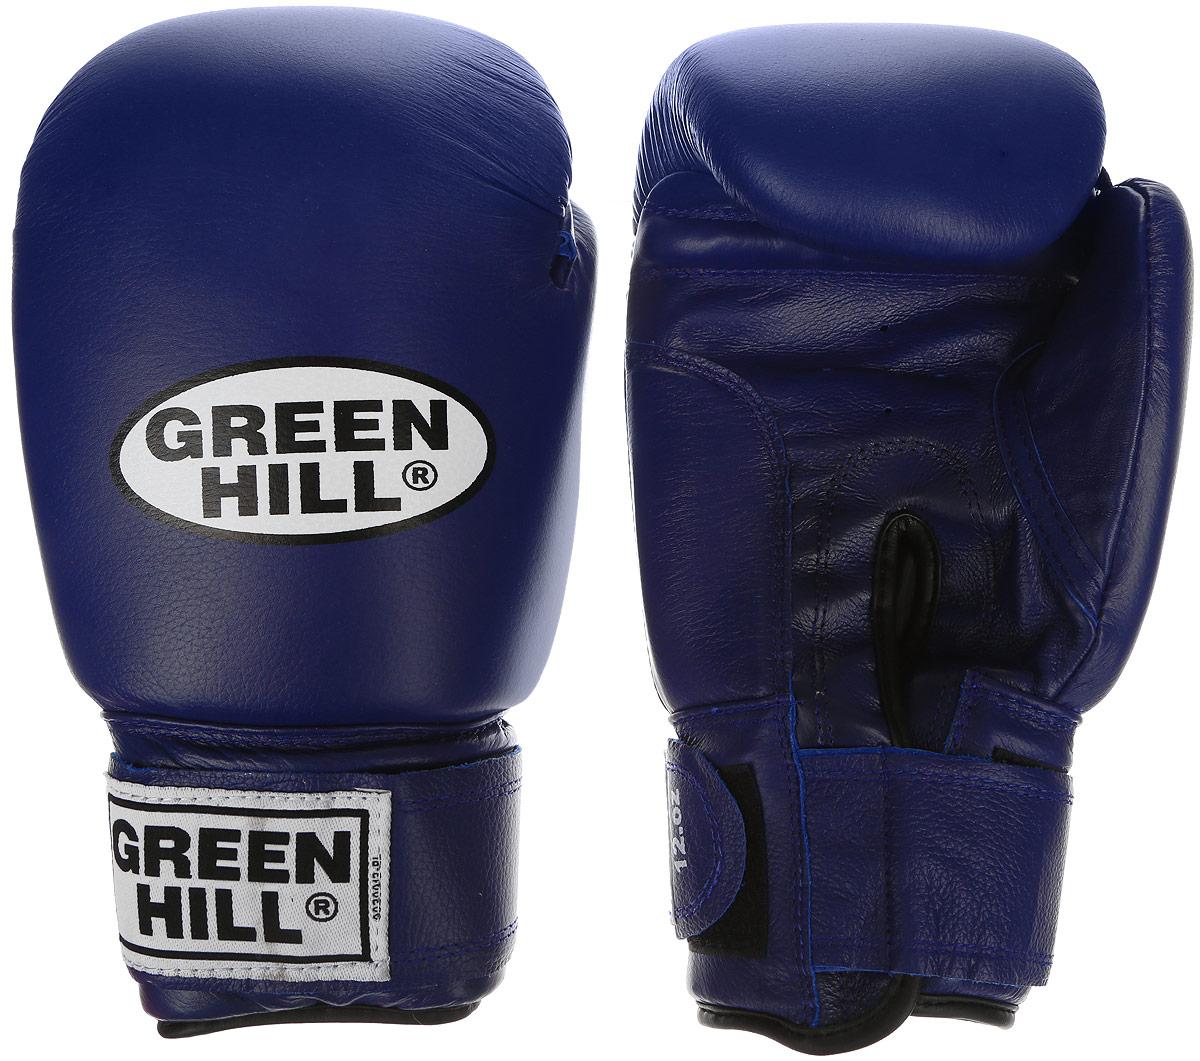 Перчатки боксерские Green Hill Super Star, цвет: синий, белый. Вес 16 унций. BGS-1213сBGS-1213сБоксерские перчатки Green Hill Super Star предназначены для использования профессионалами. Подойдут для спаррингов и соревнований. Верх выполнен из натуральной кожи, наполнитель - из вспененного полимера. Отверстие в области ладони позволяет создать максимально комфортный терморежим во время занятий. Манжет на липучке способствует быстрому и удобному надеванию перчаток, плотно фиксирует перчатки на руке.